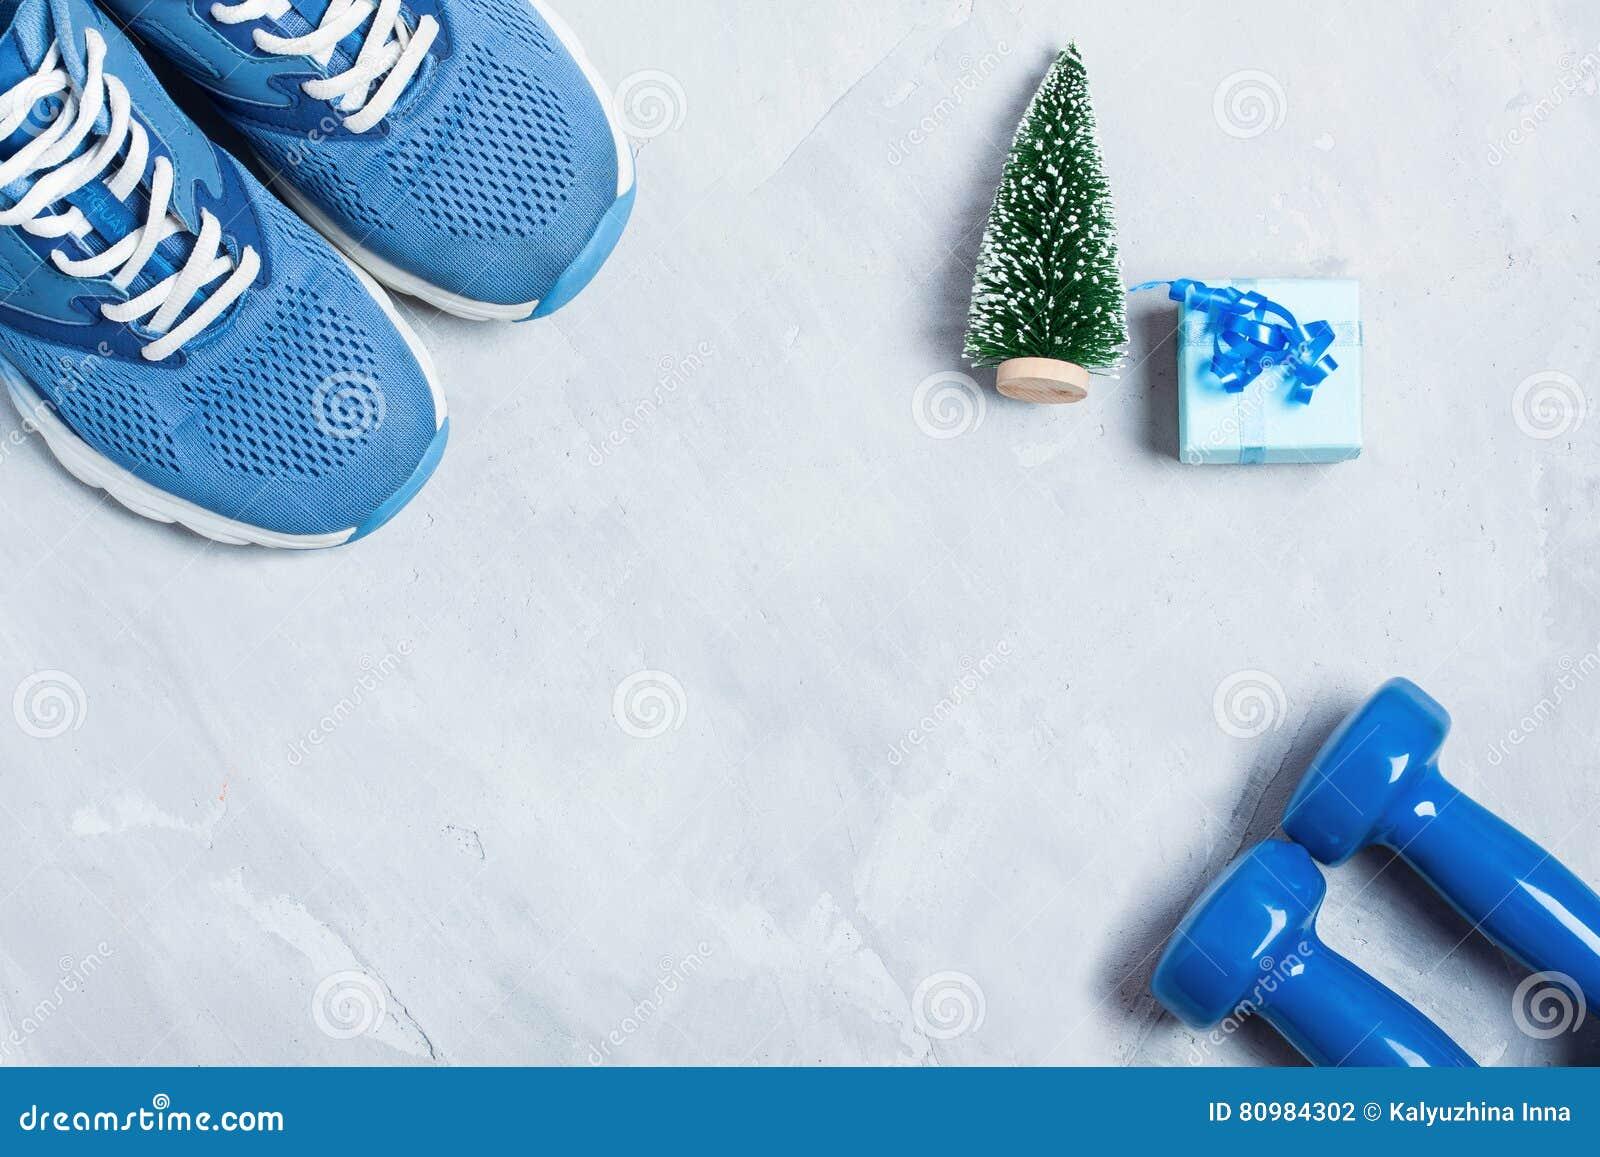 Haltères En Composition Chaussures De Le Noël Avec Et Des Sport TTdn6wx0